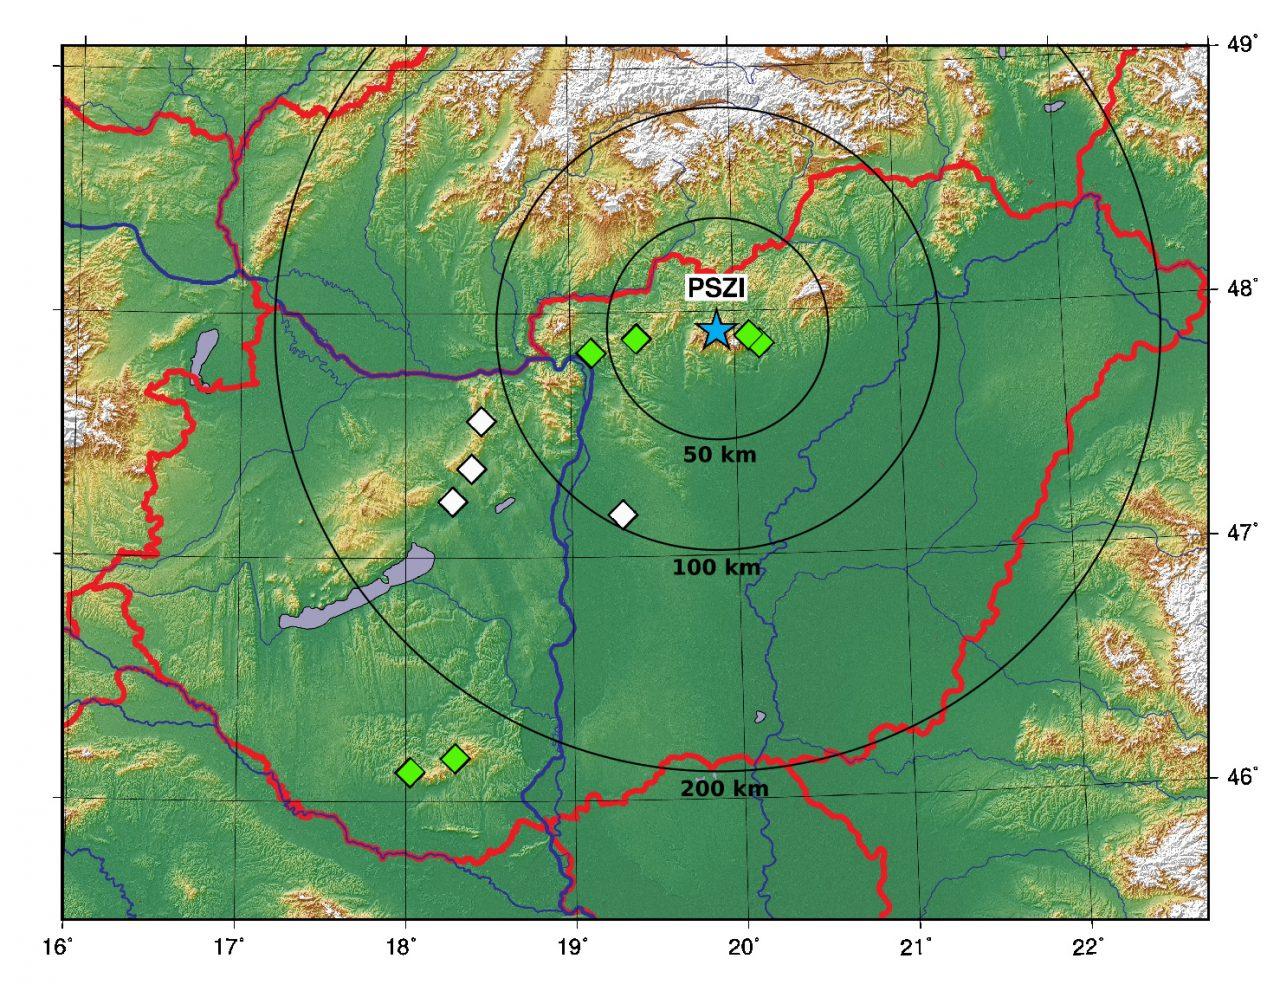 Piszkés-tető (PSZI) és 10 vizsgált bánya, ahonnan rendszeresen regisztrál robbantásokat a Magyar Nemzeti Szeizmológiai Hálózat. A zölddel jelölt bányákból észlelhető infrahangjel Piszkés-tetőn, a fehérrel jelöltekből nem. A fehérrel jelölt bányák éppen az árnyékzóna jellemző térségébe esnek.